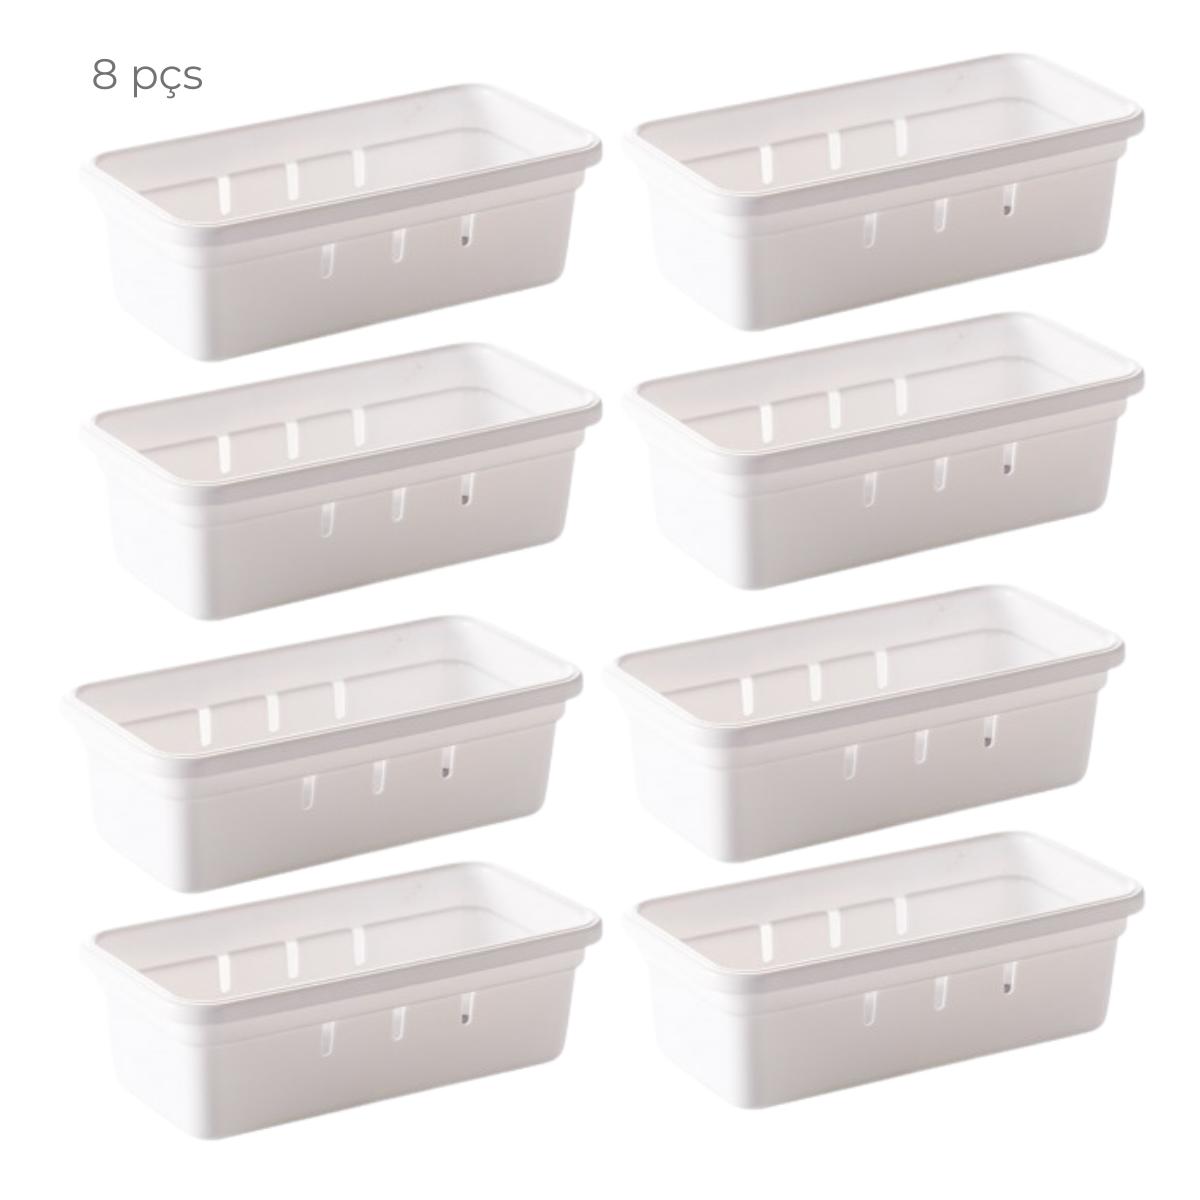 Conjunto 8 organizadores de gaveta 15cm com encaixe Branco